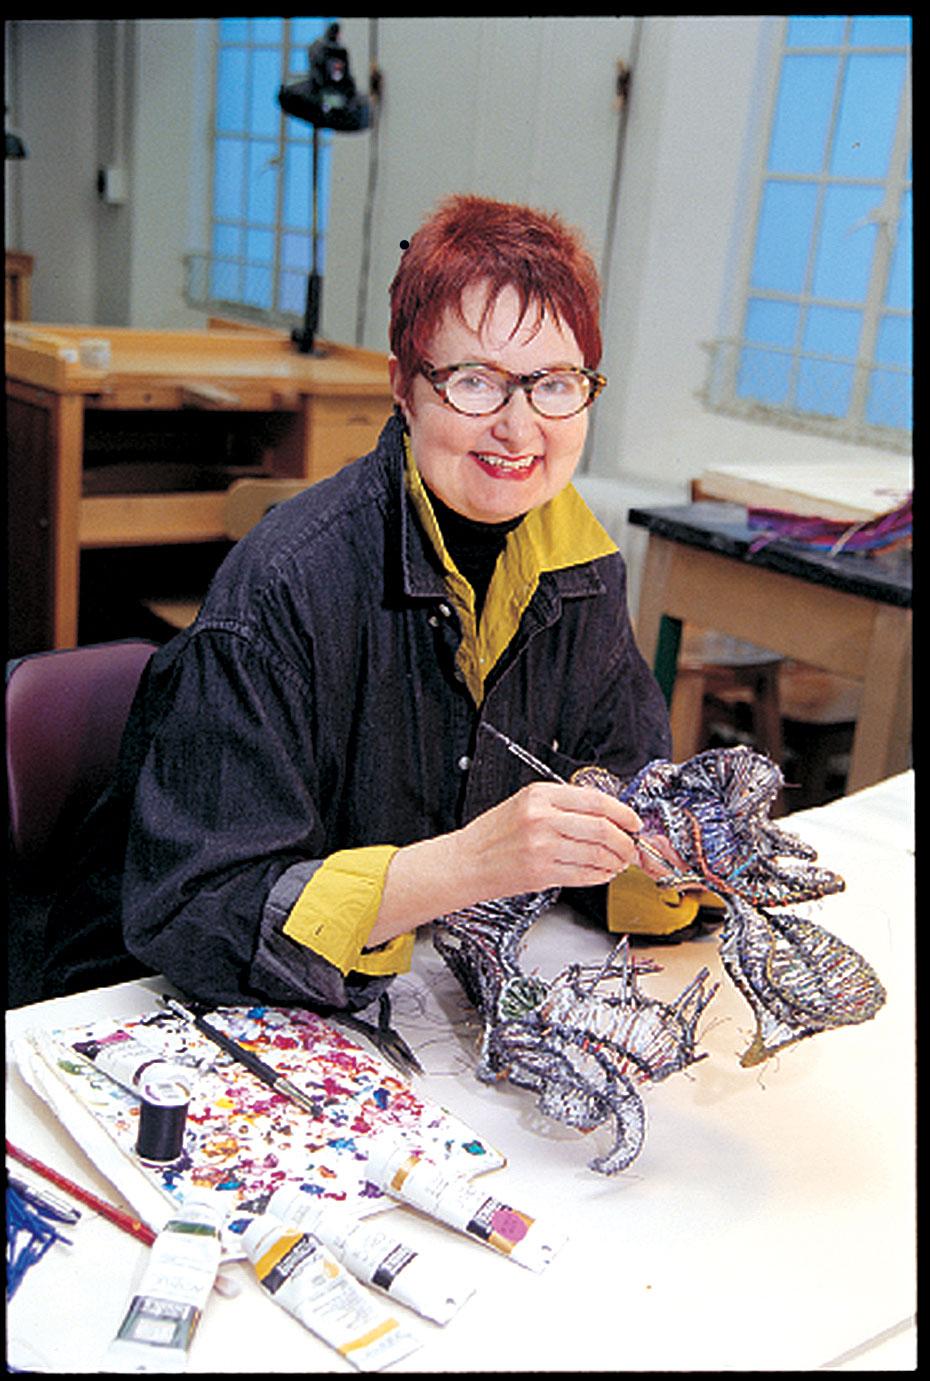 MARJORIE SCHICK in her Pittsburg State University studio.